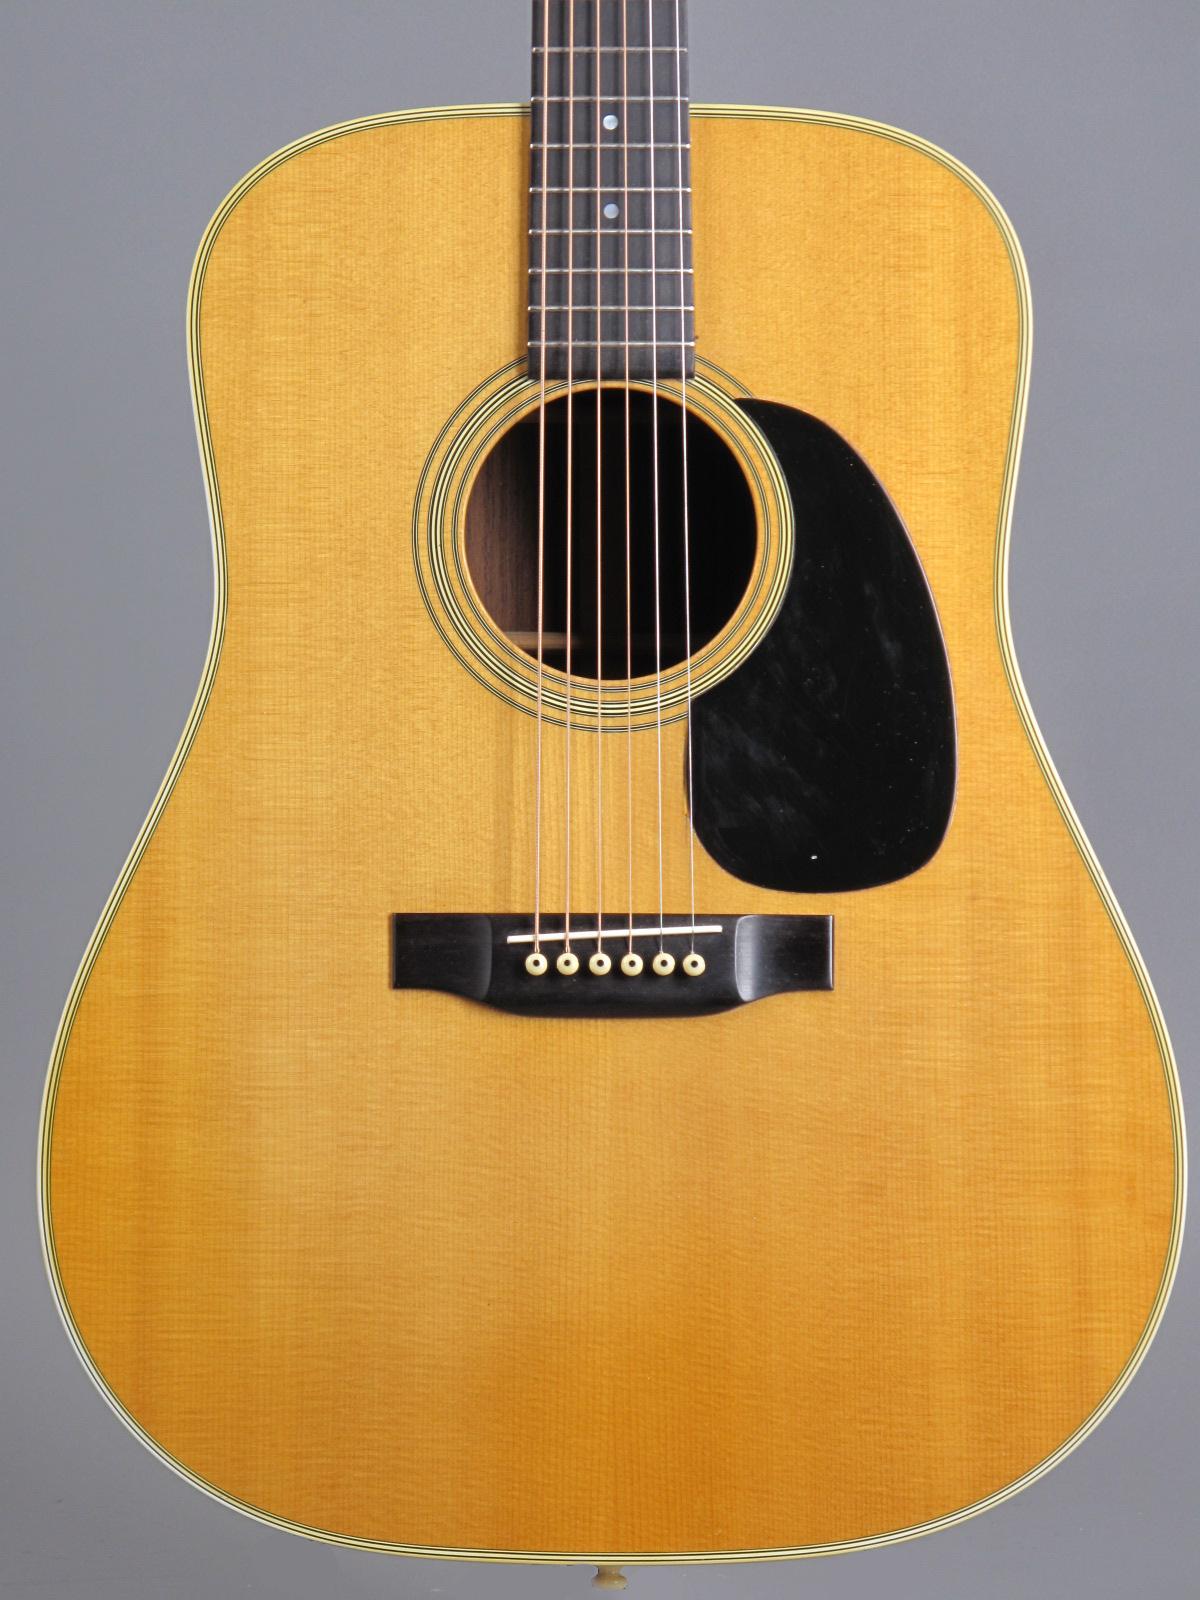 1974 Martin D-28 - Natural